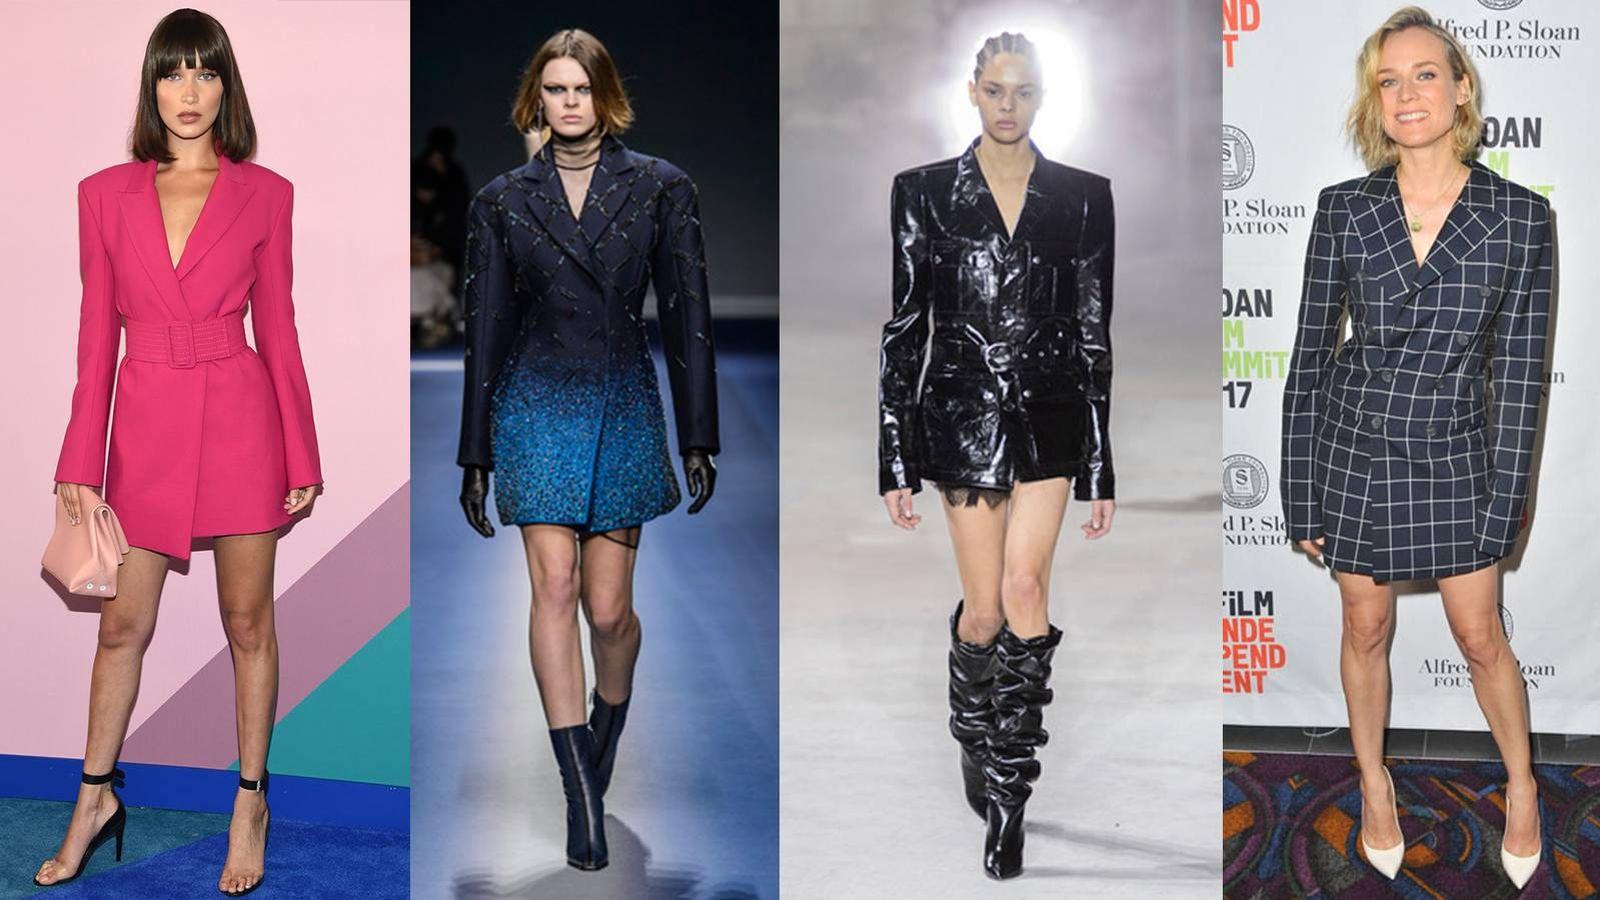 Tendencias  Quítate los pantalones  seis formas de convertir un blazer en  vestido 90c9a6b6bb36